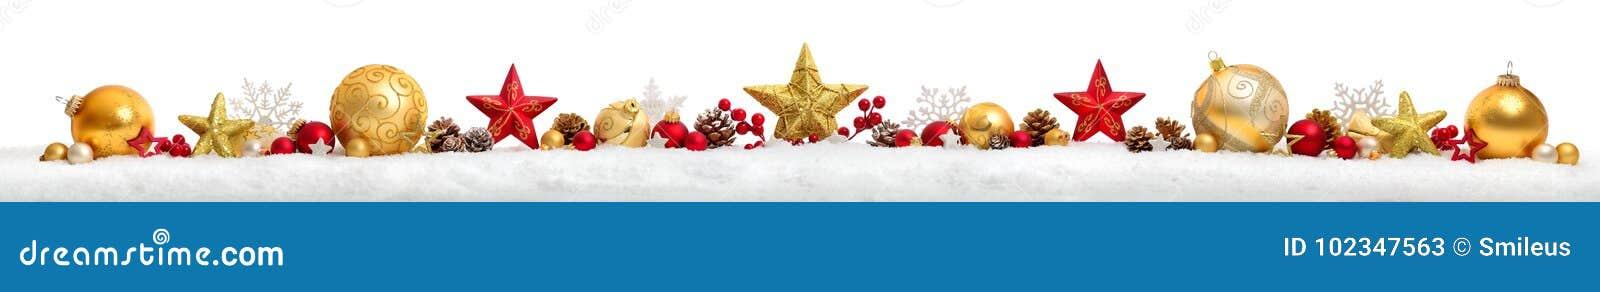 Jul gränsar eller banret med stjärnor och struntsaker, den vita backgroen